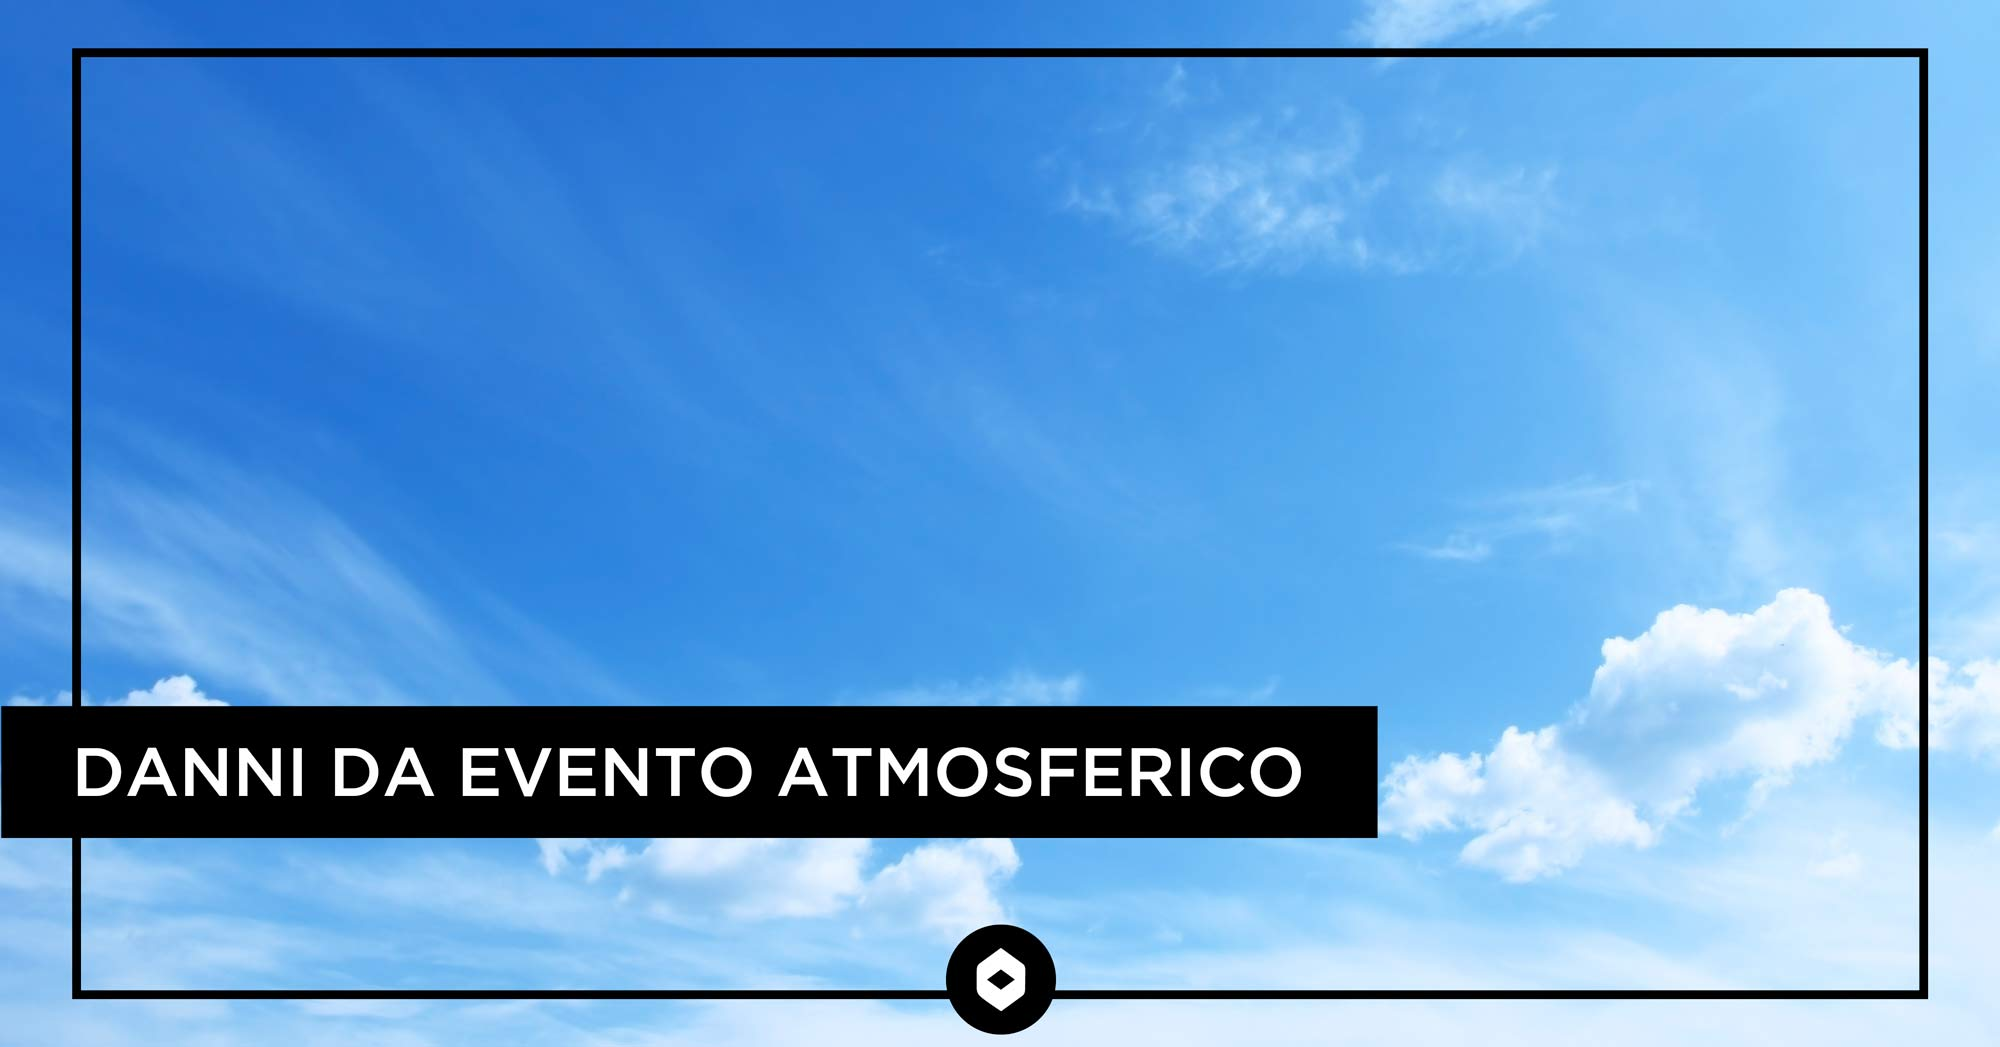 Danni da evento atmosferico